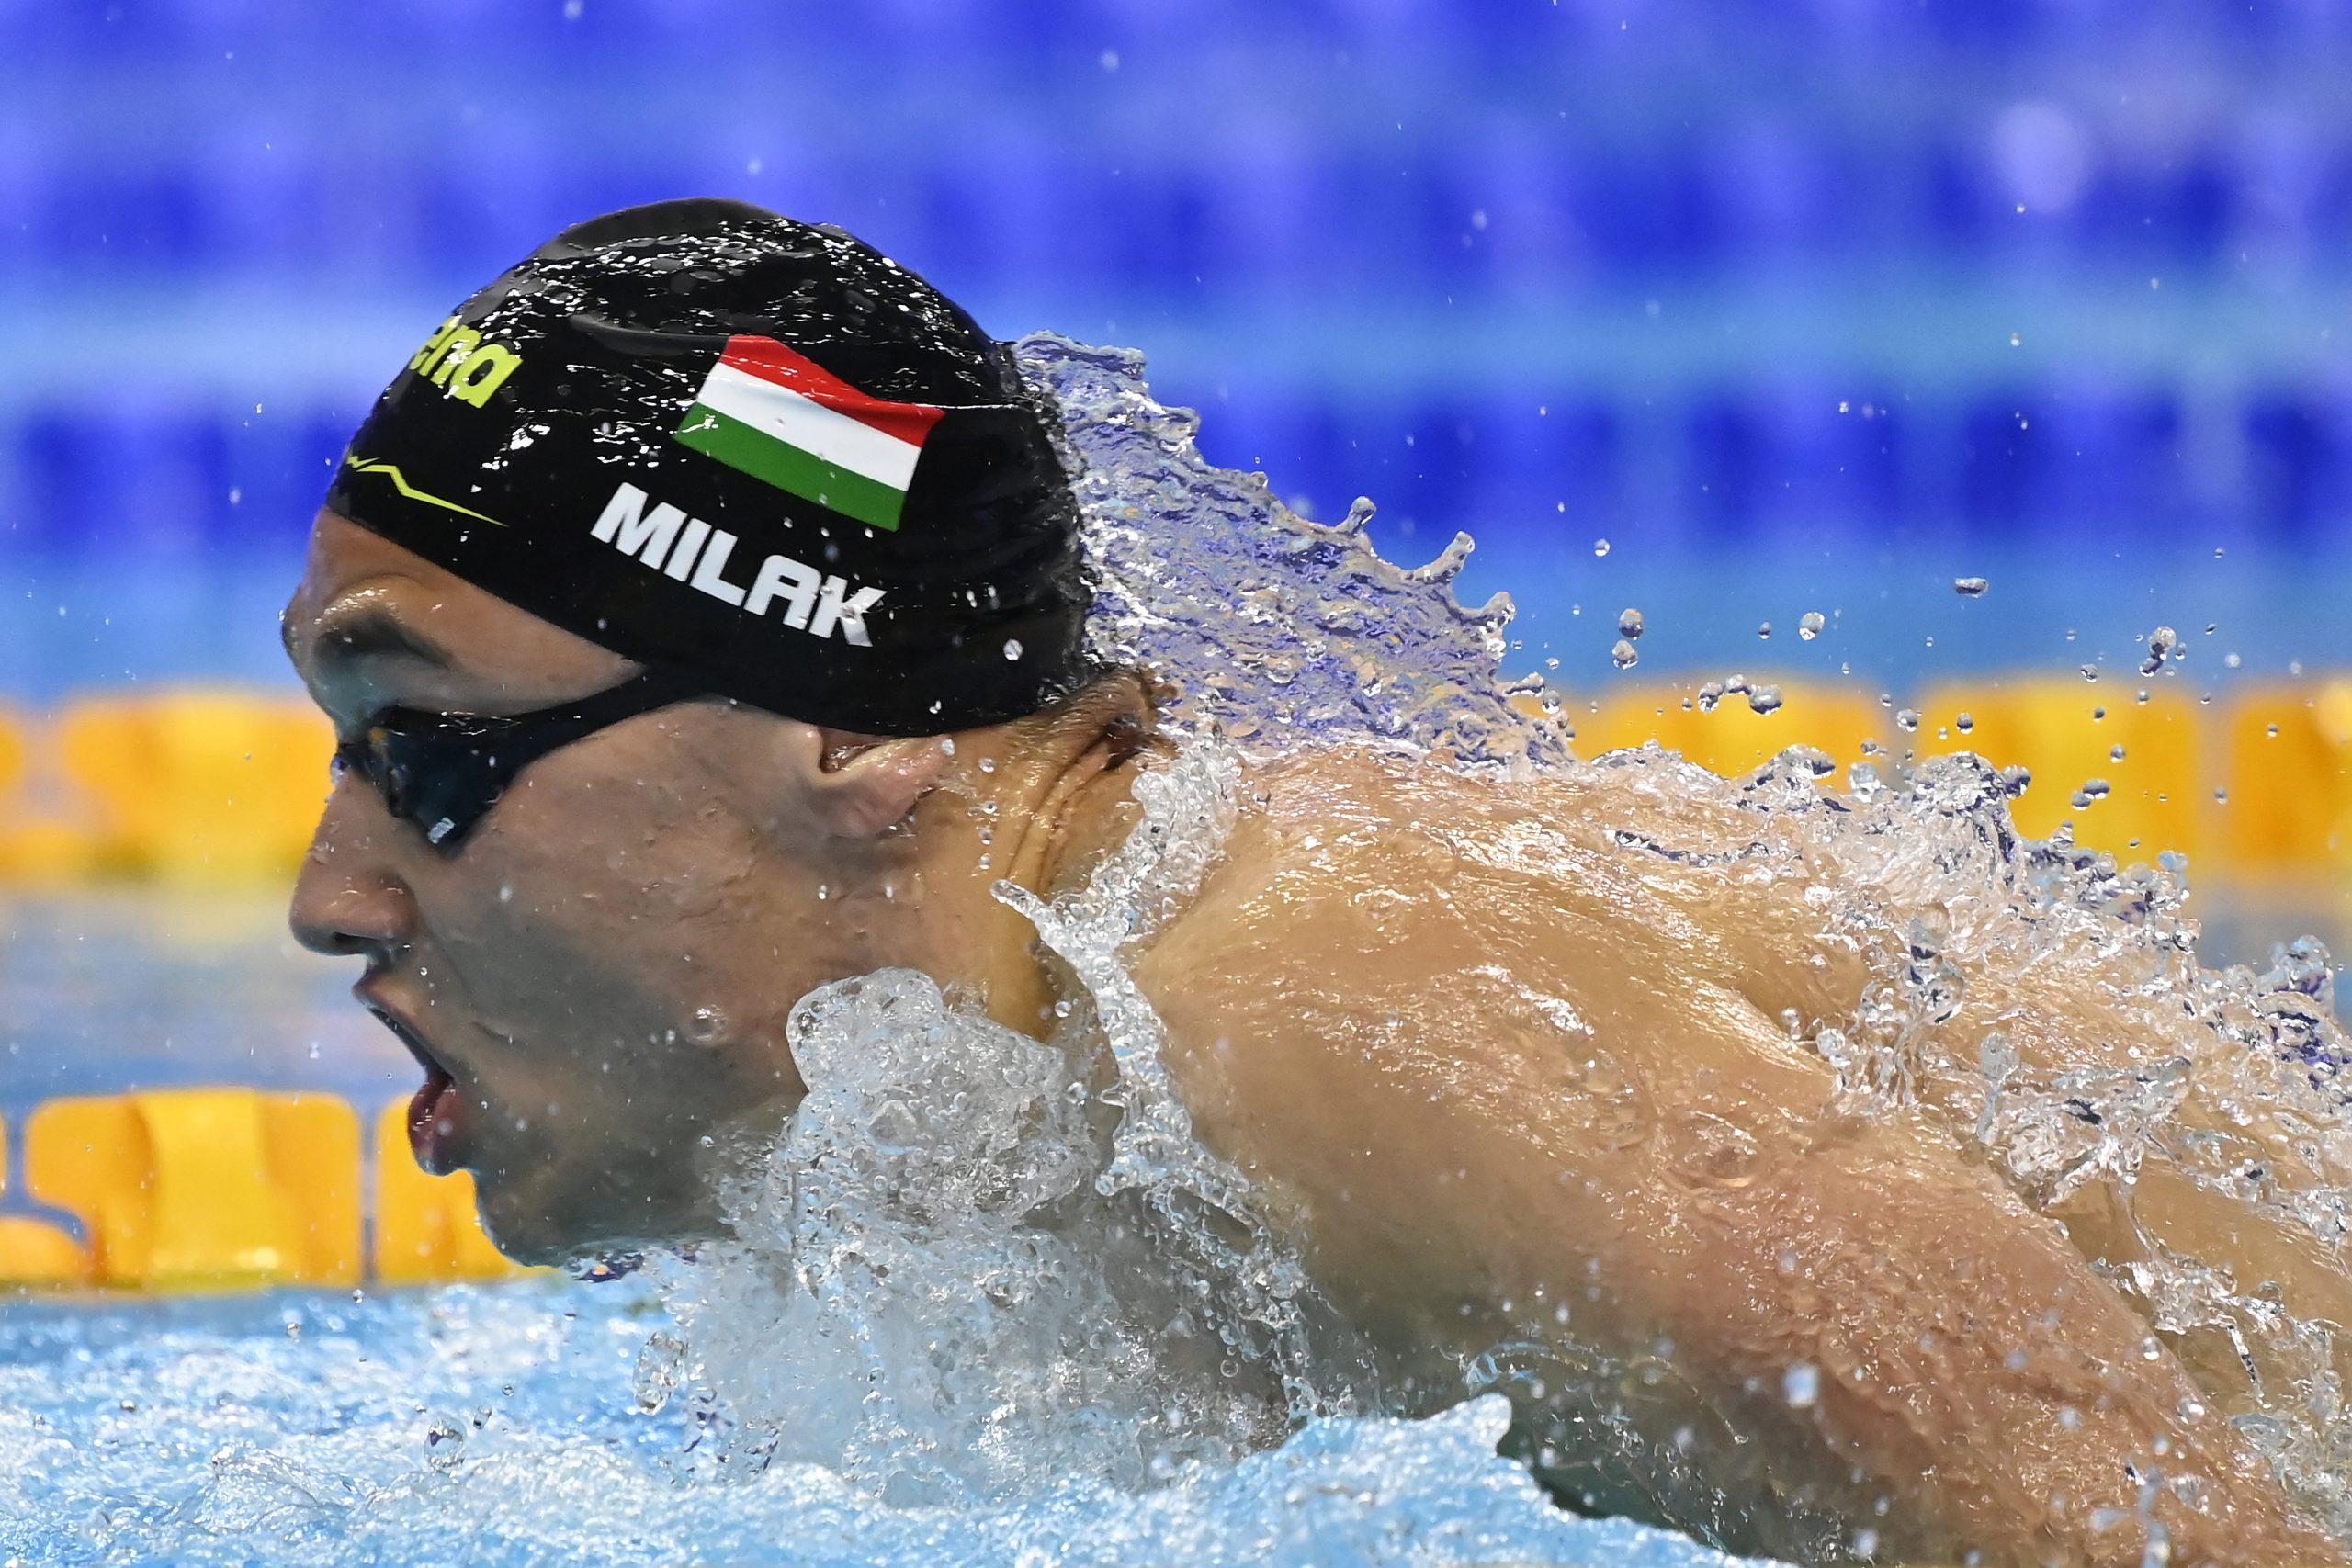 Tokio 2020: Schwimmer erwarten 3-4 Medaillen, davon mindestens eine Gold